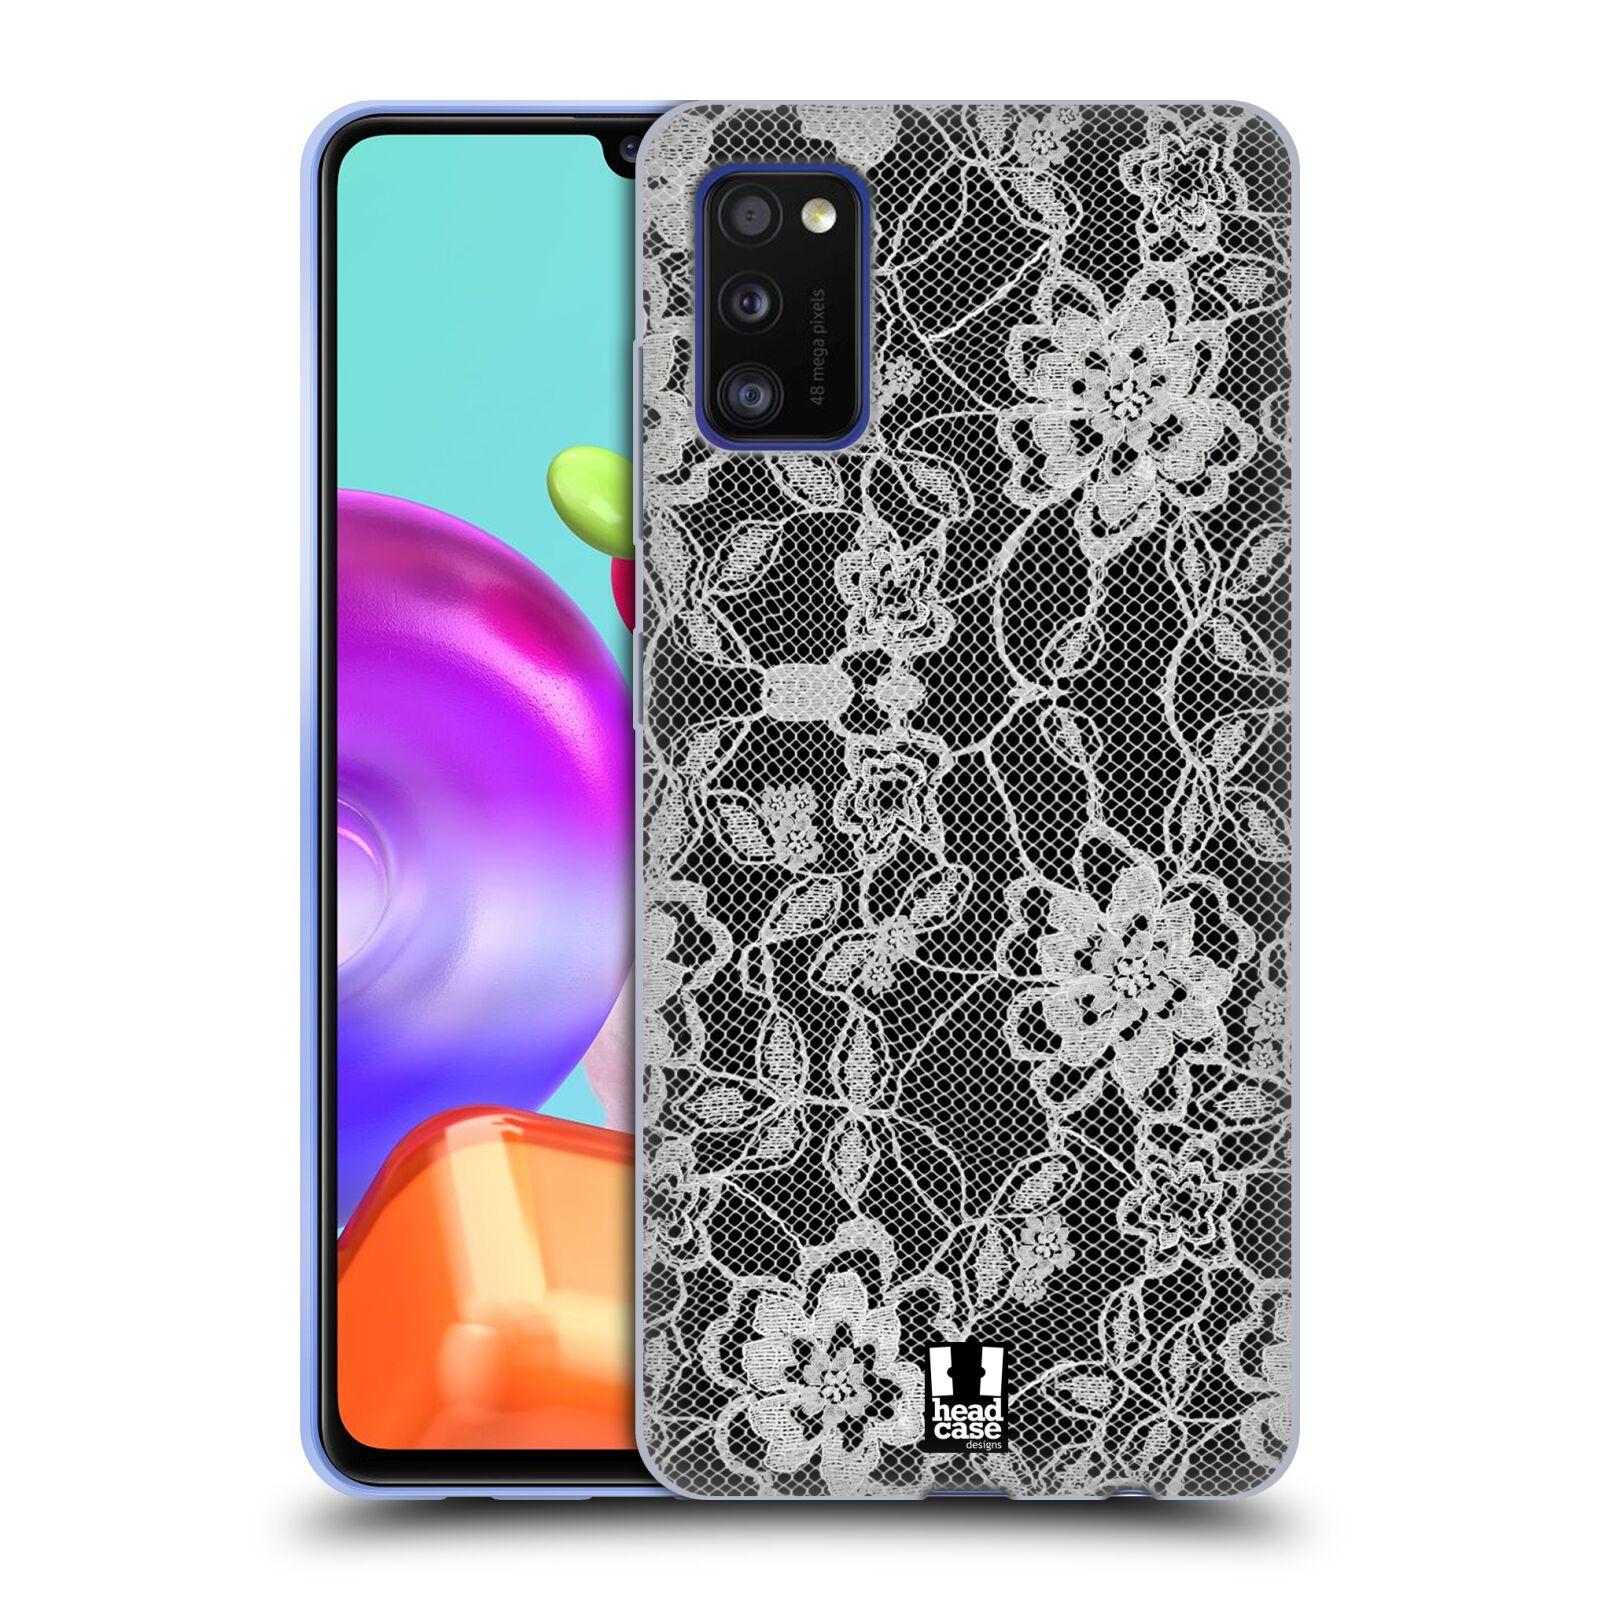 Silikonové pouzdro na mobil Samsung Galaxy A41 - Head Case - FLOWERY KRAJKA